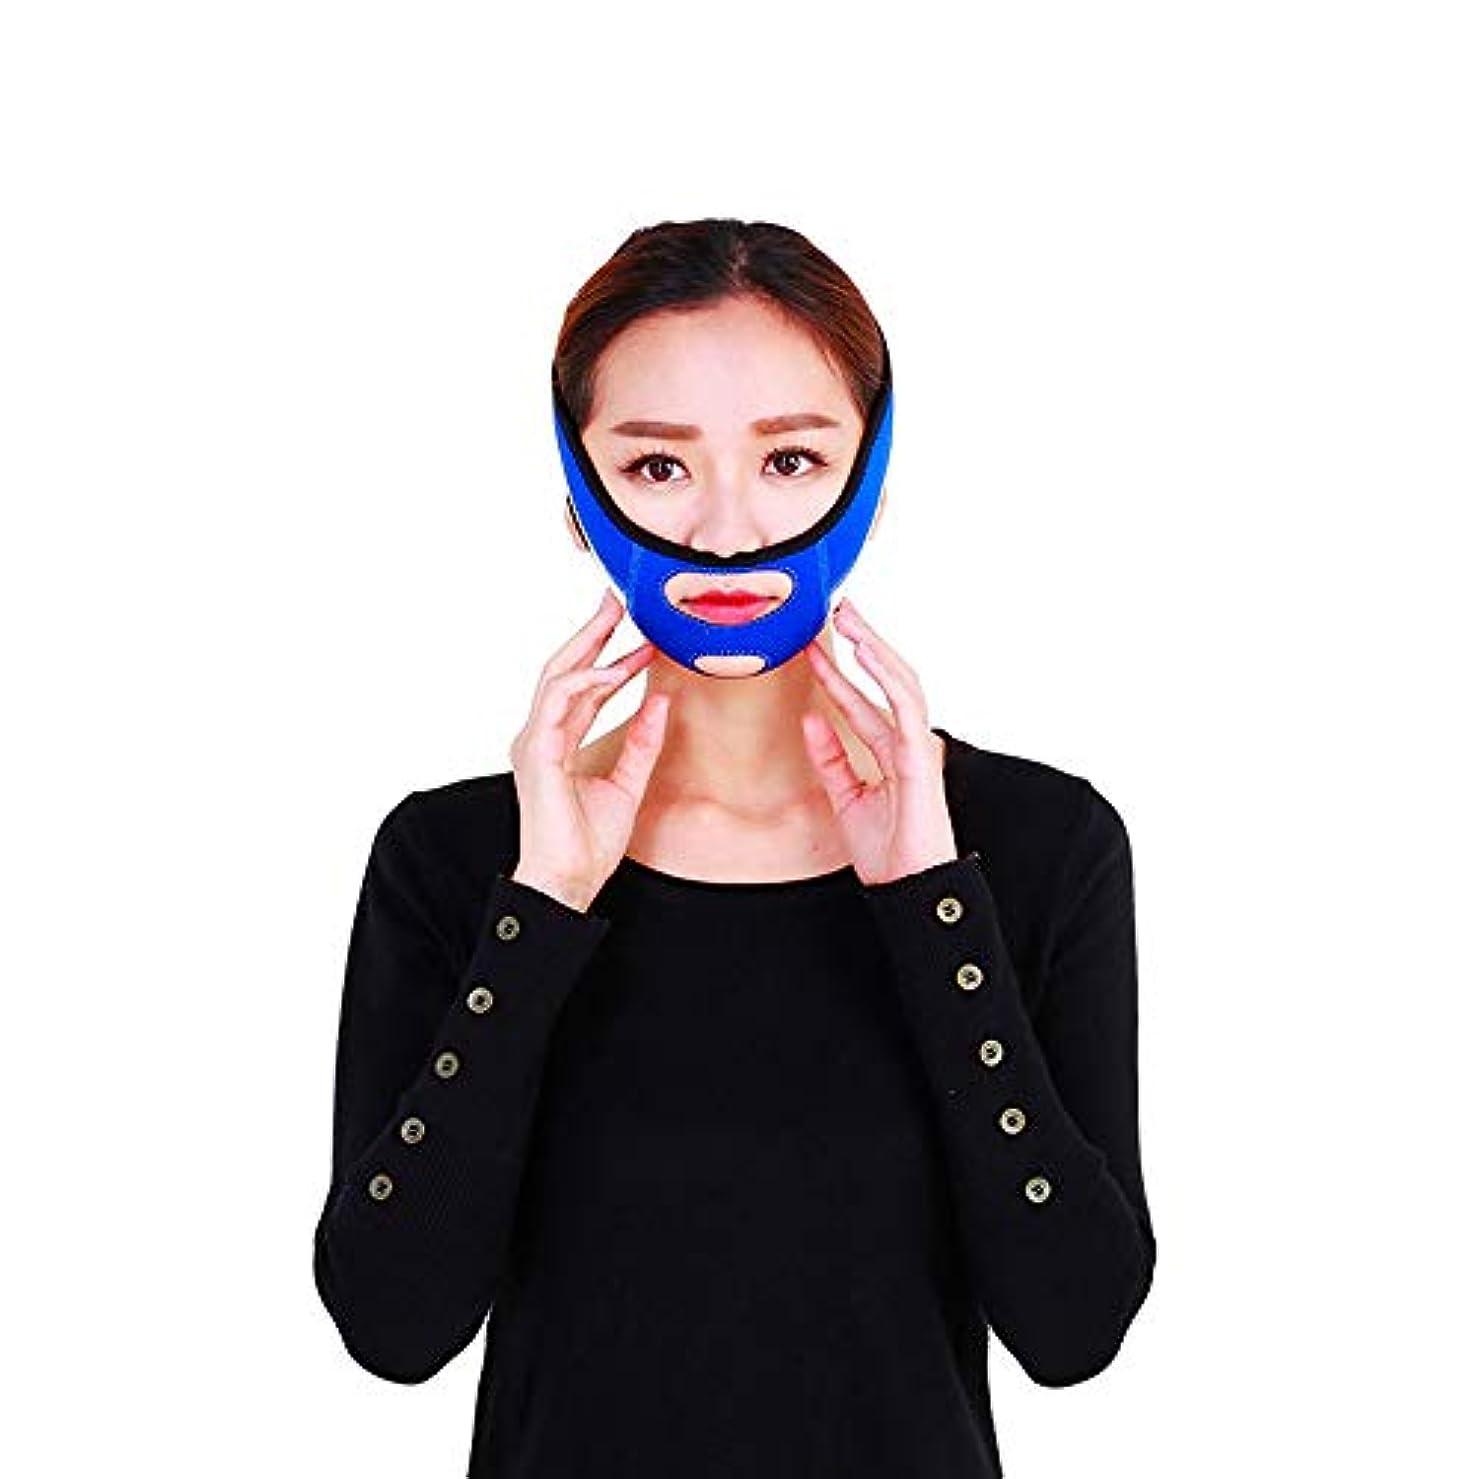 バラ色ハーフ追放するフェイスリフトベルト 顔を持ち上げるベルト - 顔を持ち上げる包帯は、上顎顔面修正ツールを強力に強化し、顔面マスクのV字形の人工物